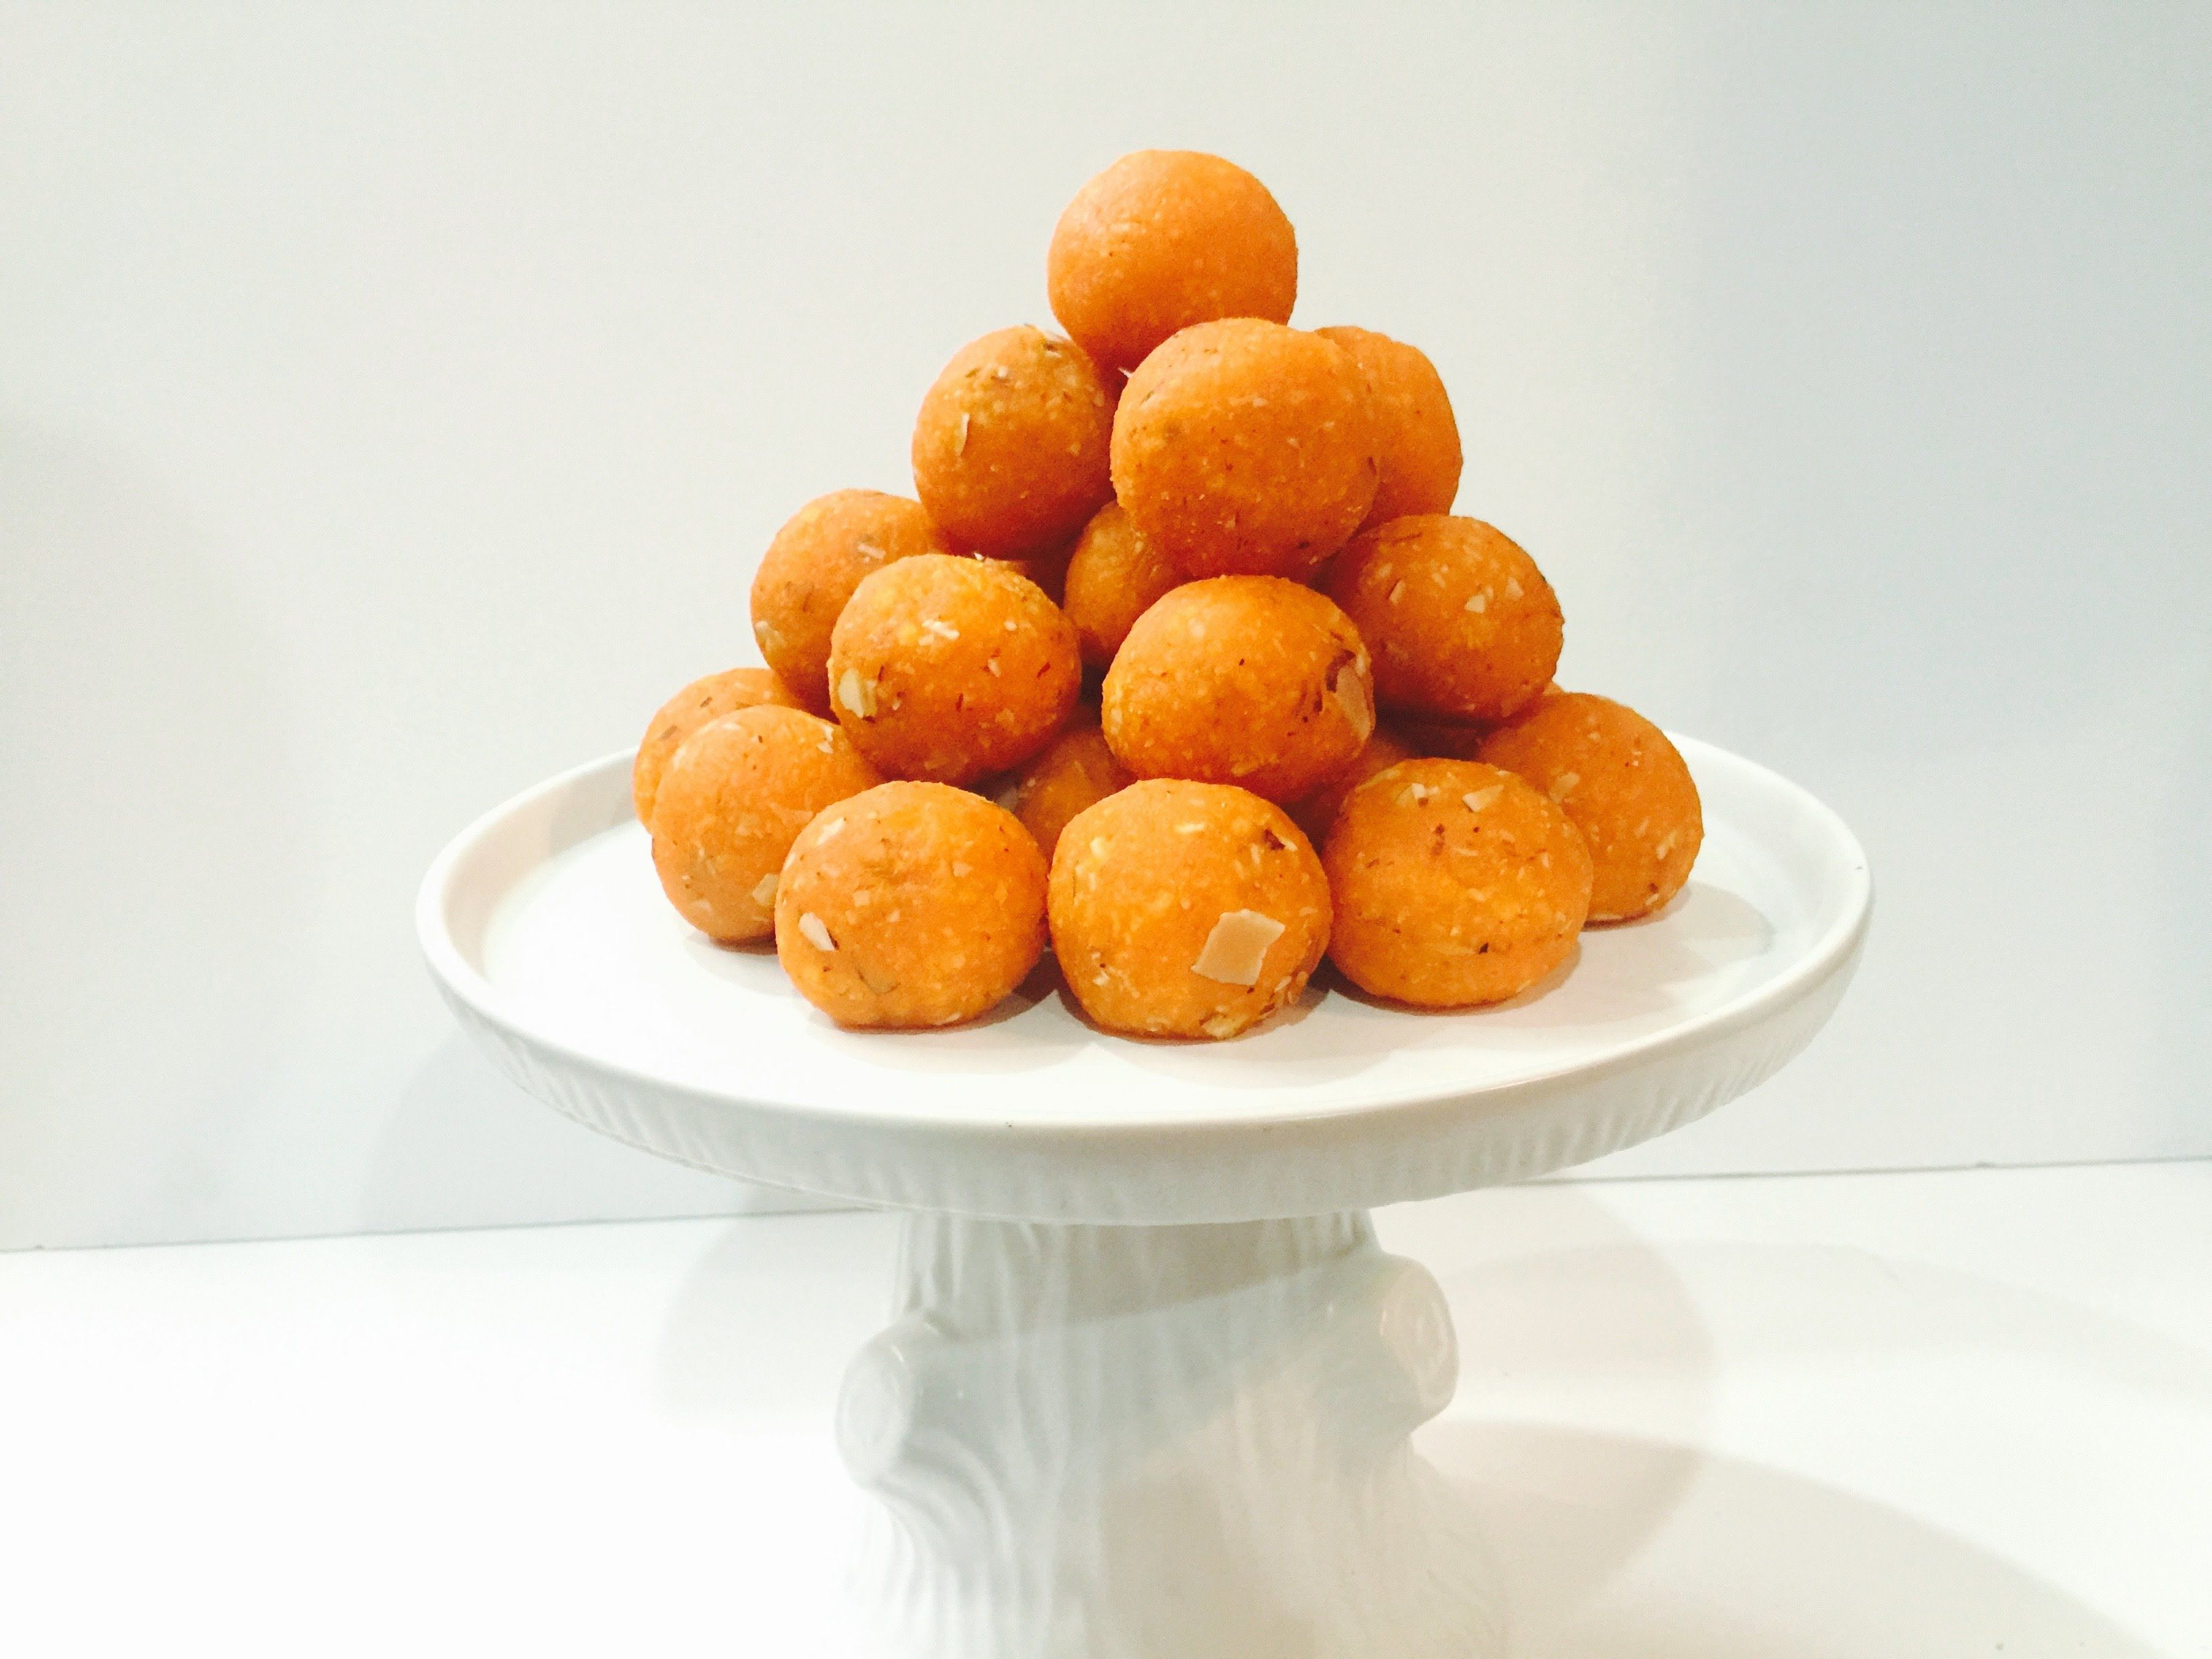 Motichoor Ladoo Recipe Simple Homemade Ladoos Indian Sweet In English